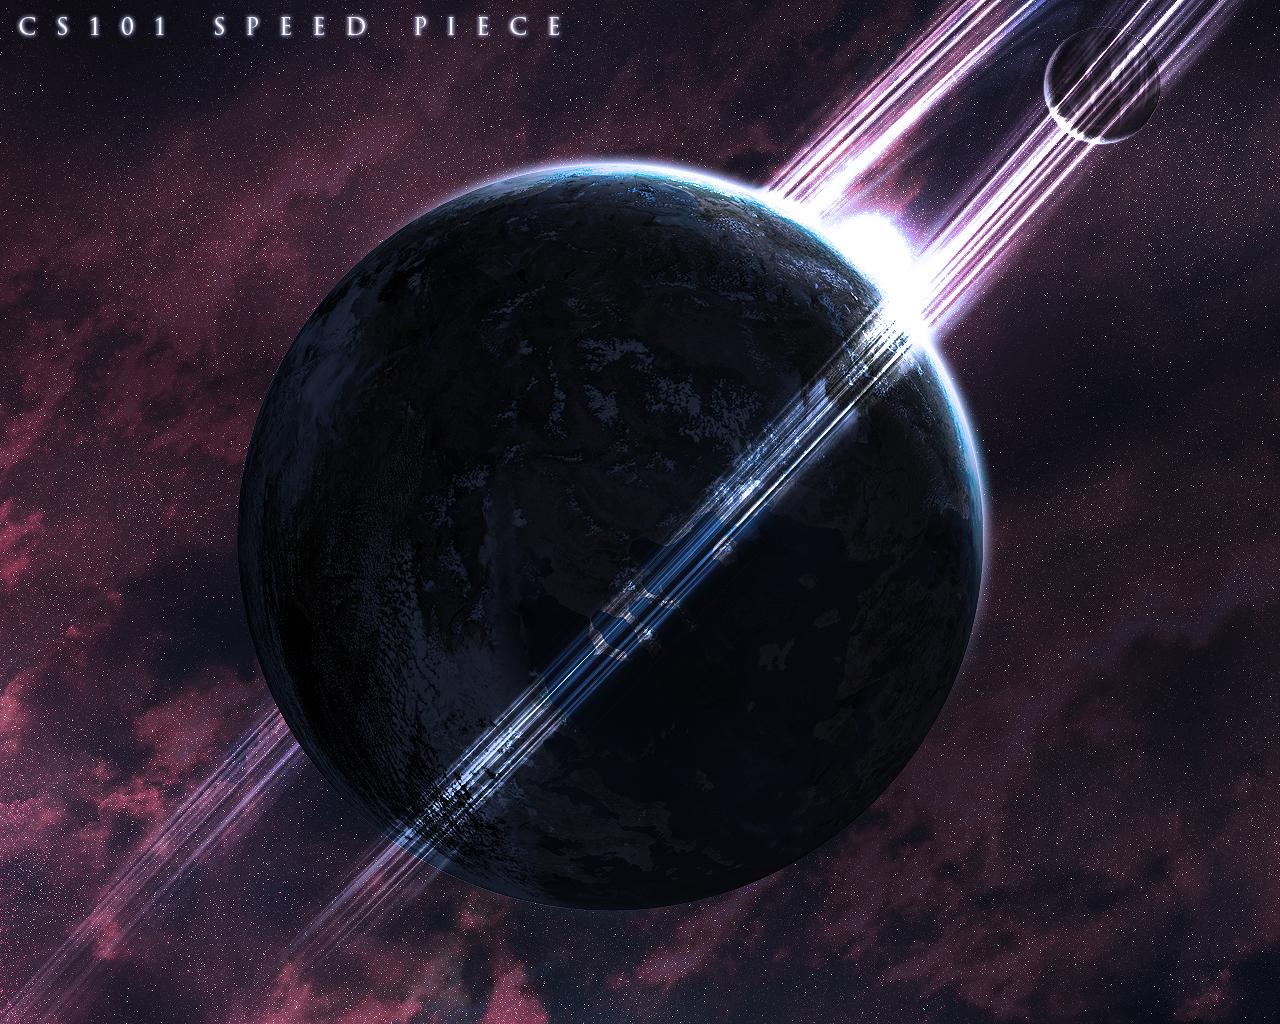 Speed Piece by DemosthenesVoice